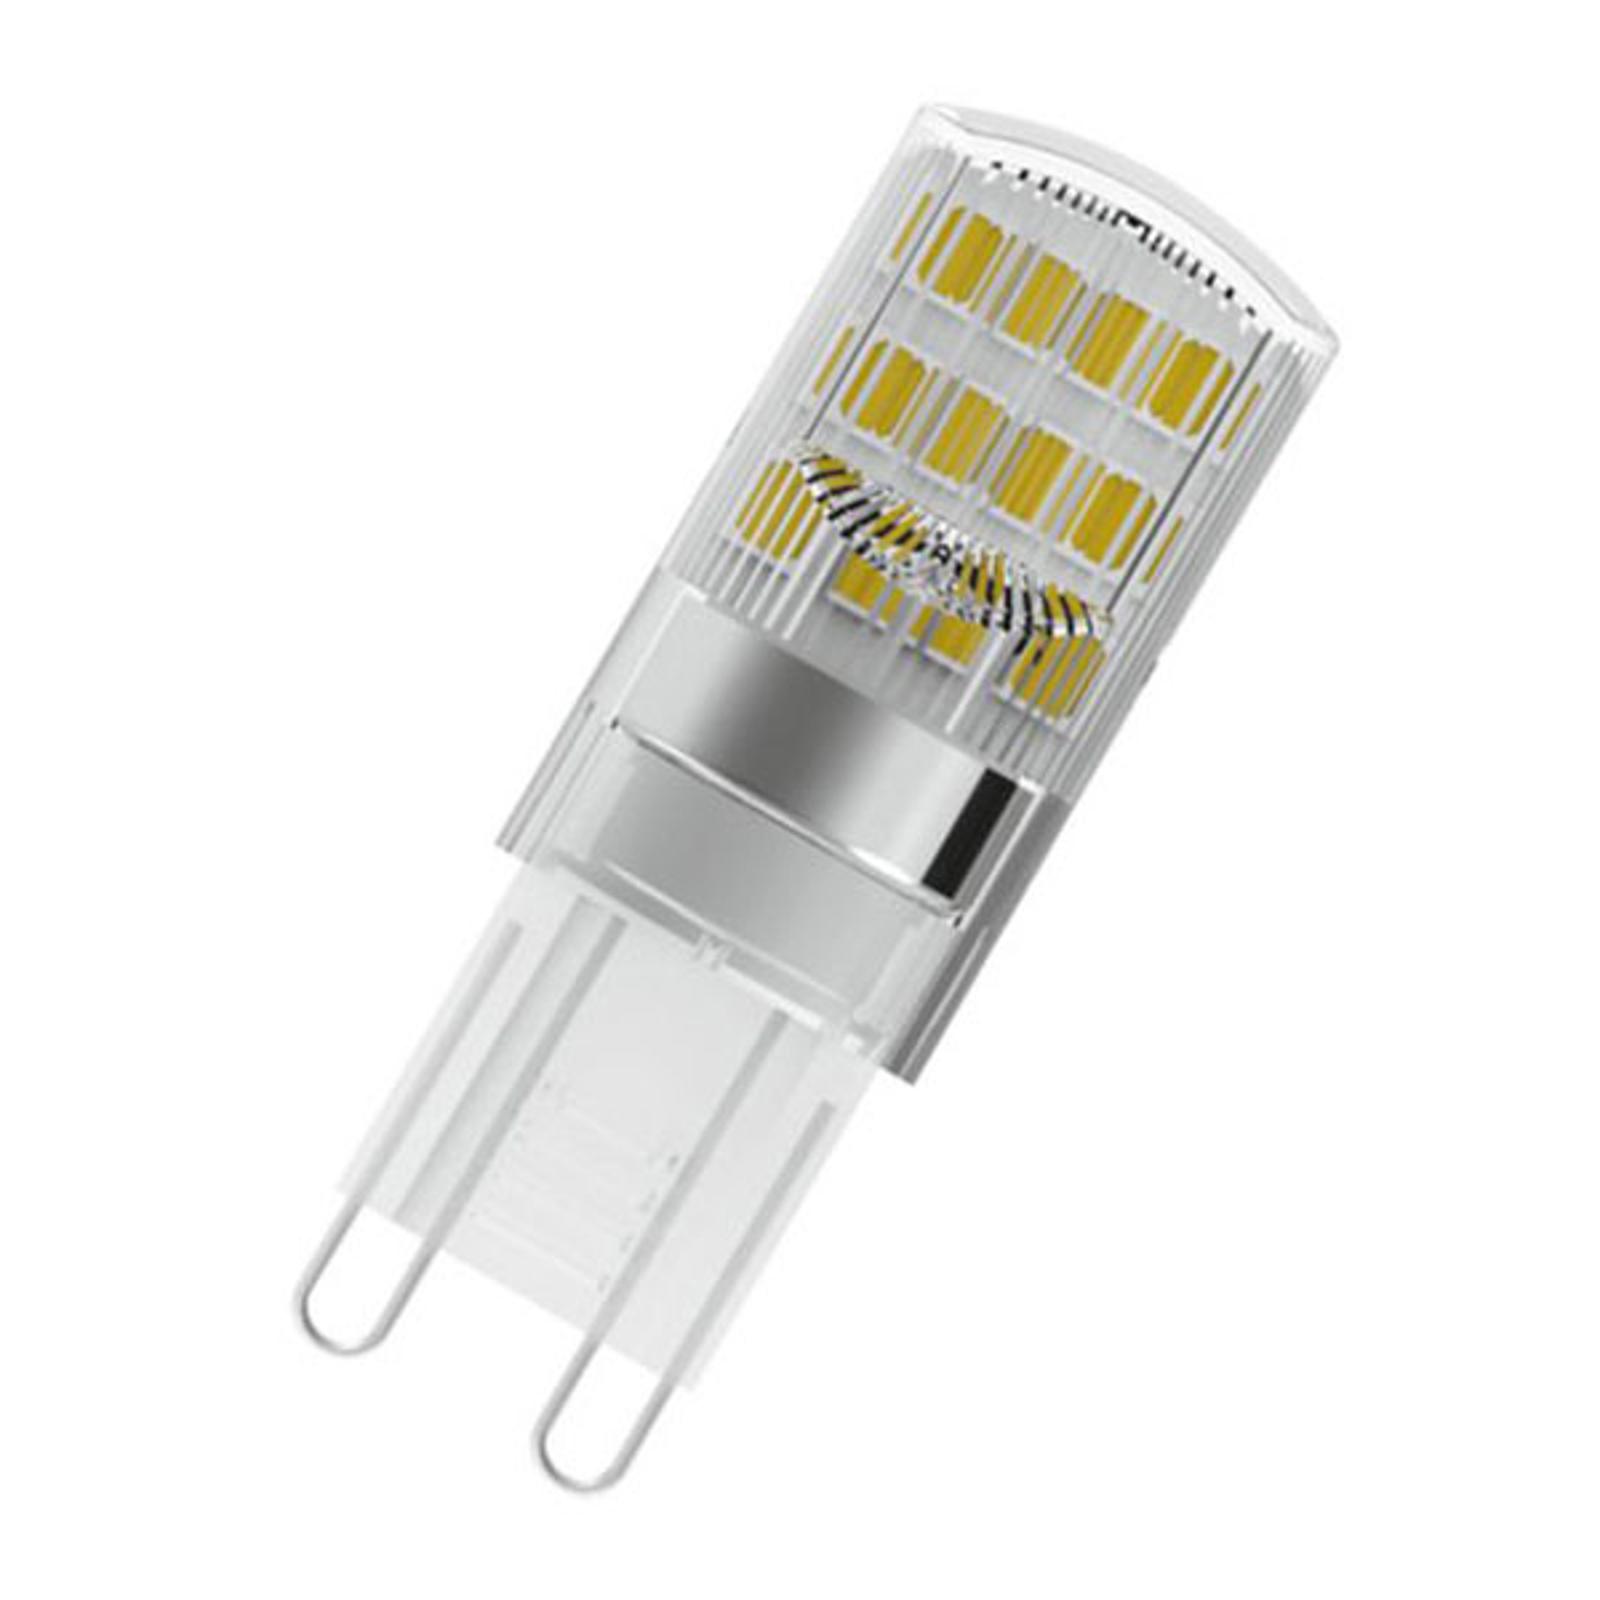 OSRAM LED-Stiftsockellampe G9 1,9W 2.700K klar 3er